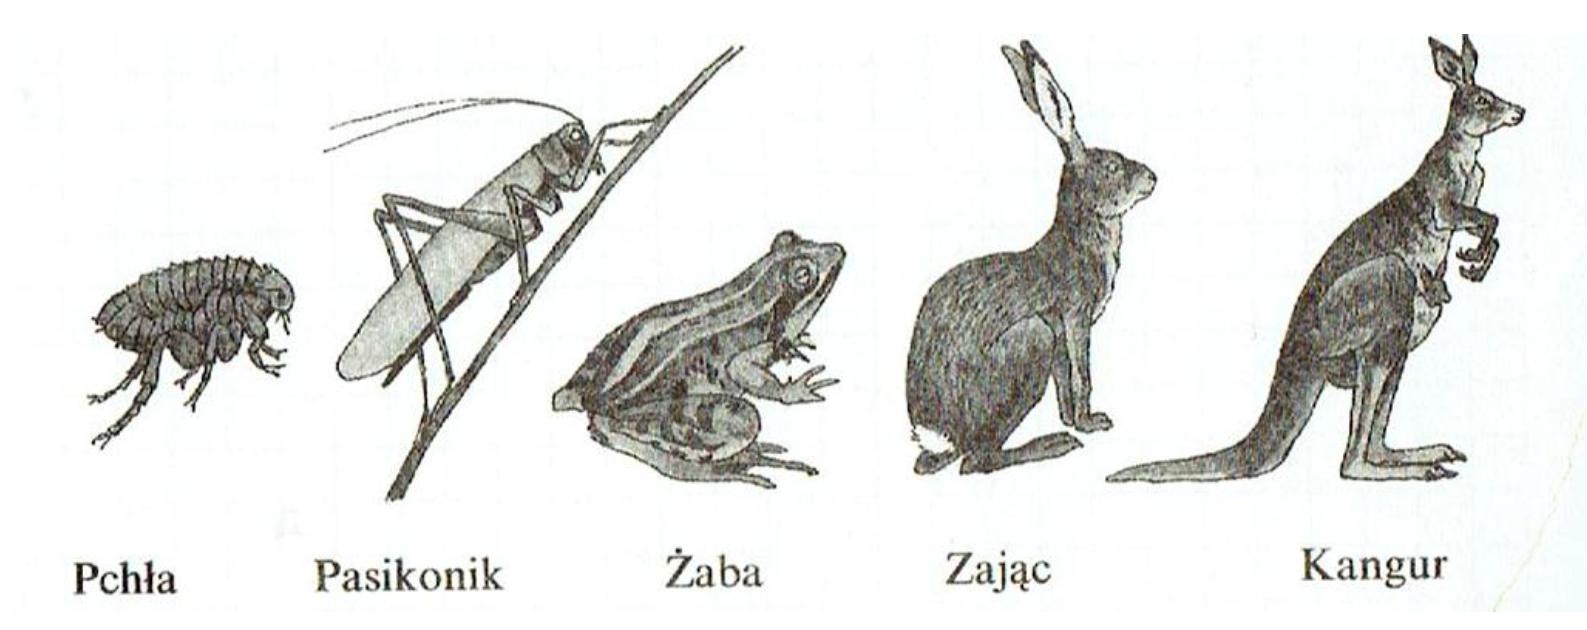 Zwierzęta zamieszkujące różne środowiska, prowadzące odmienny tryb życia